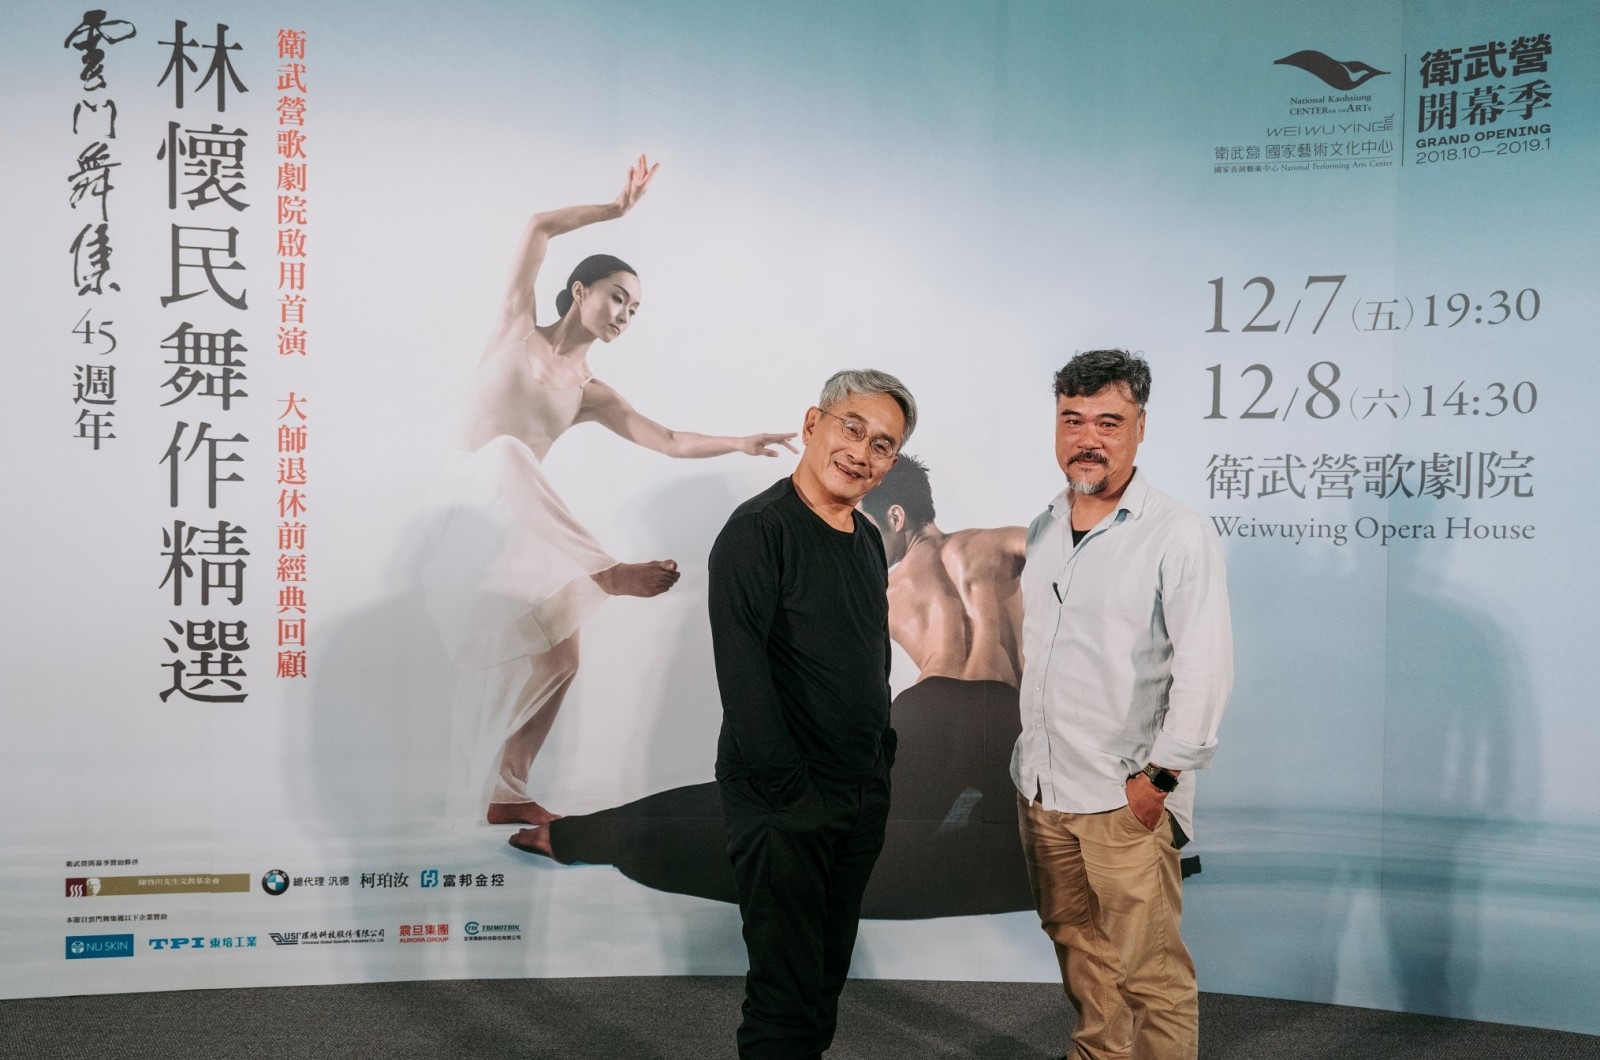 雲門舞集45週年選作 衛武營歌劇院首演